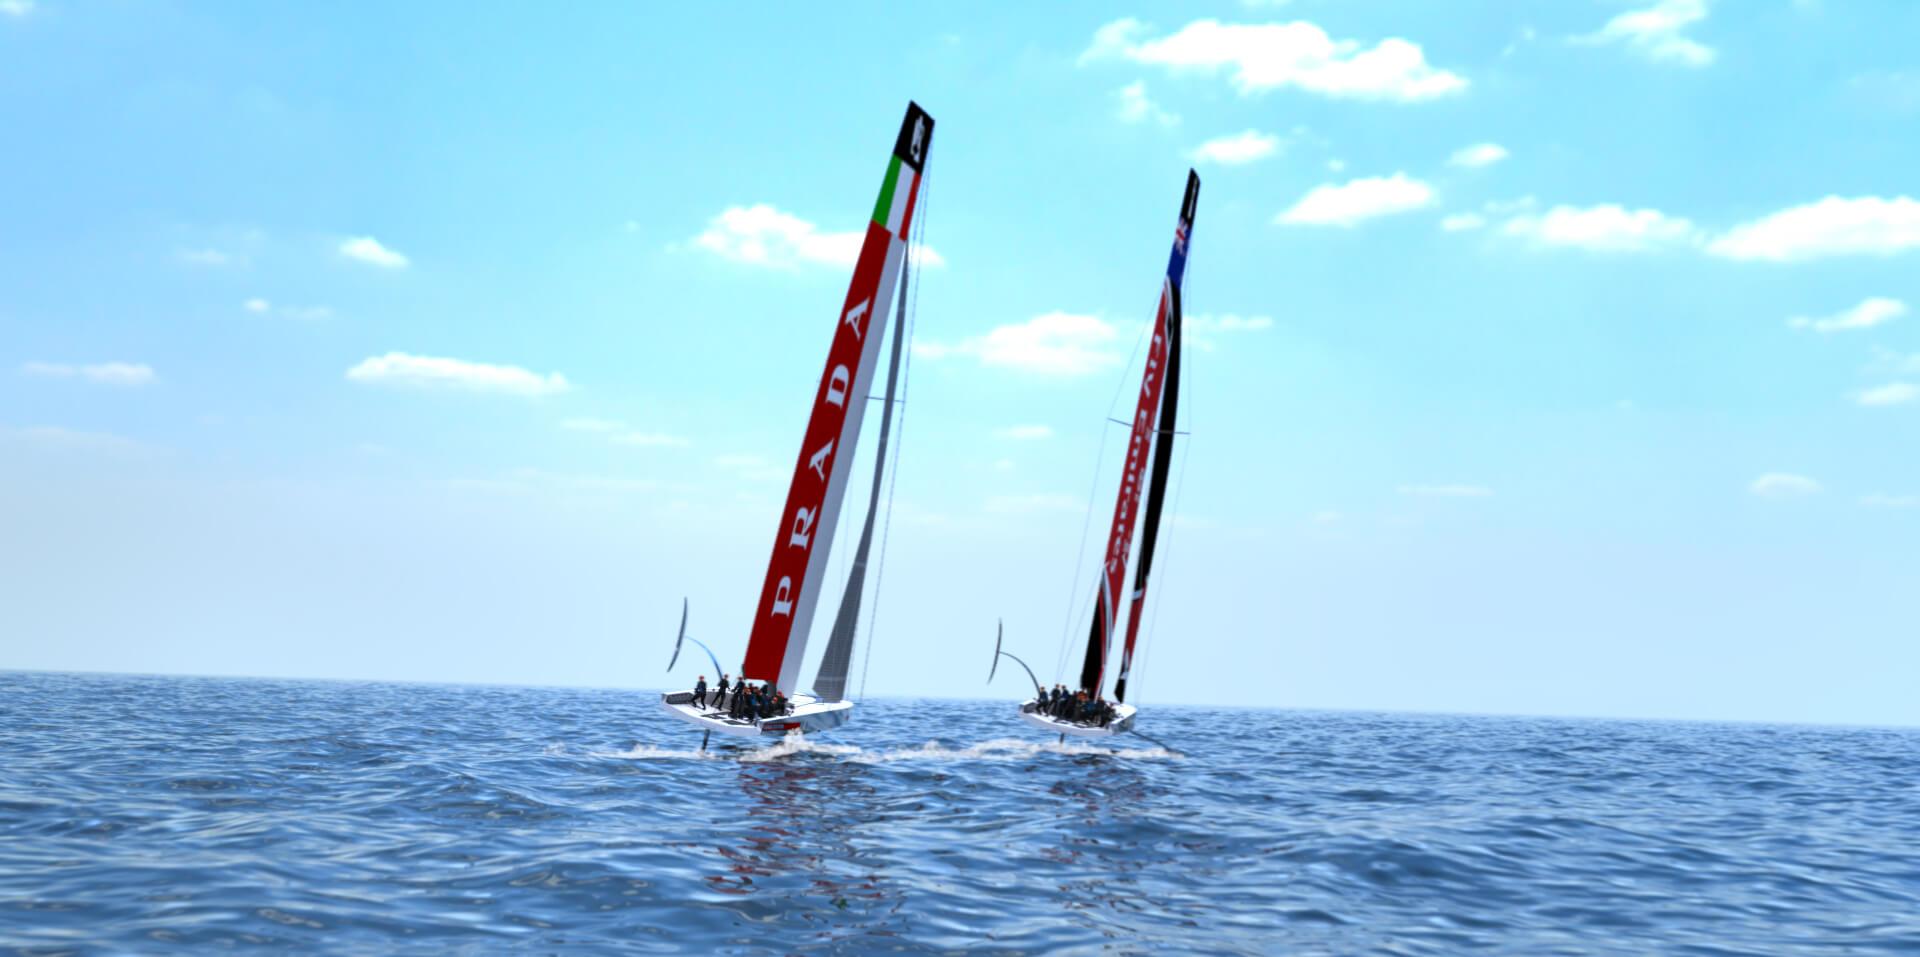 世界系列賽是美洲盃的 預賽,為2021年在紐西蘭舉行的決賽打響頭炮,第一階段將於2019年在意大利薩丁尼亞島卡利亞里舉行,屆時Luna Rossa船隊成員將駕駛全新單體帆船AC75出戰。(互聯網)